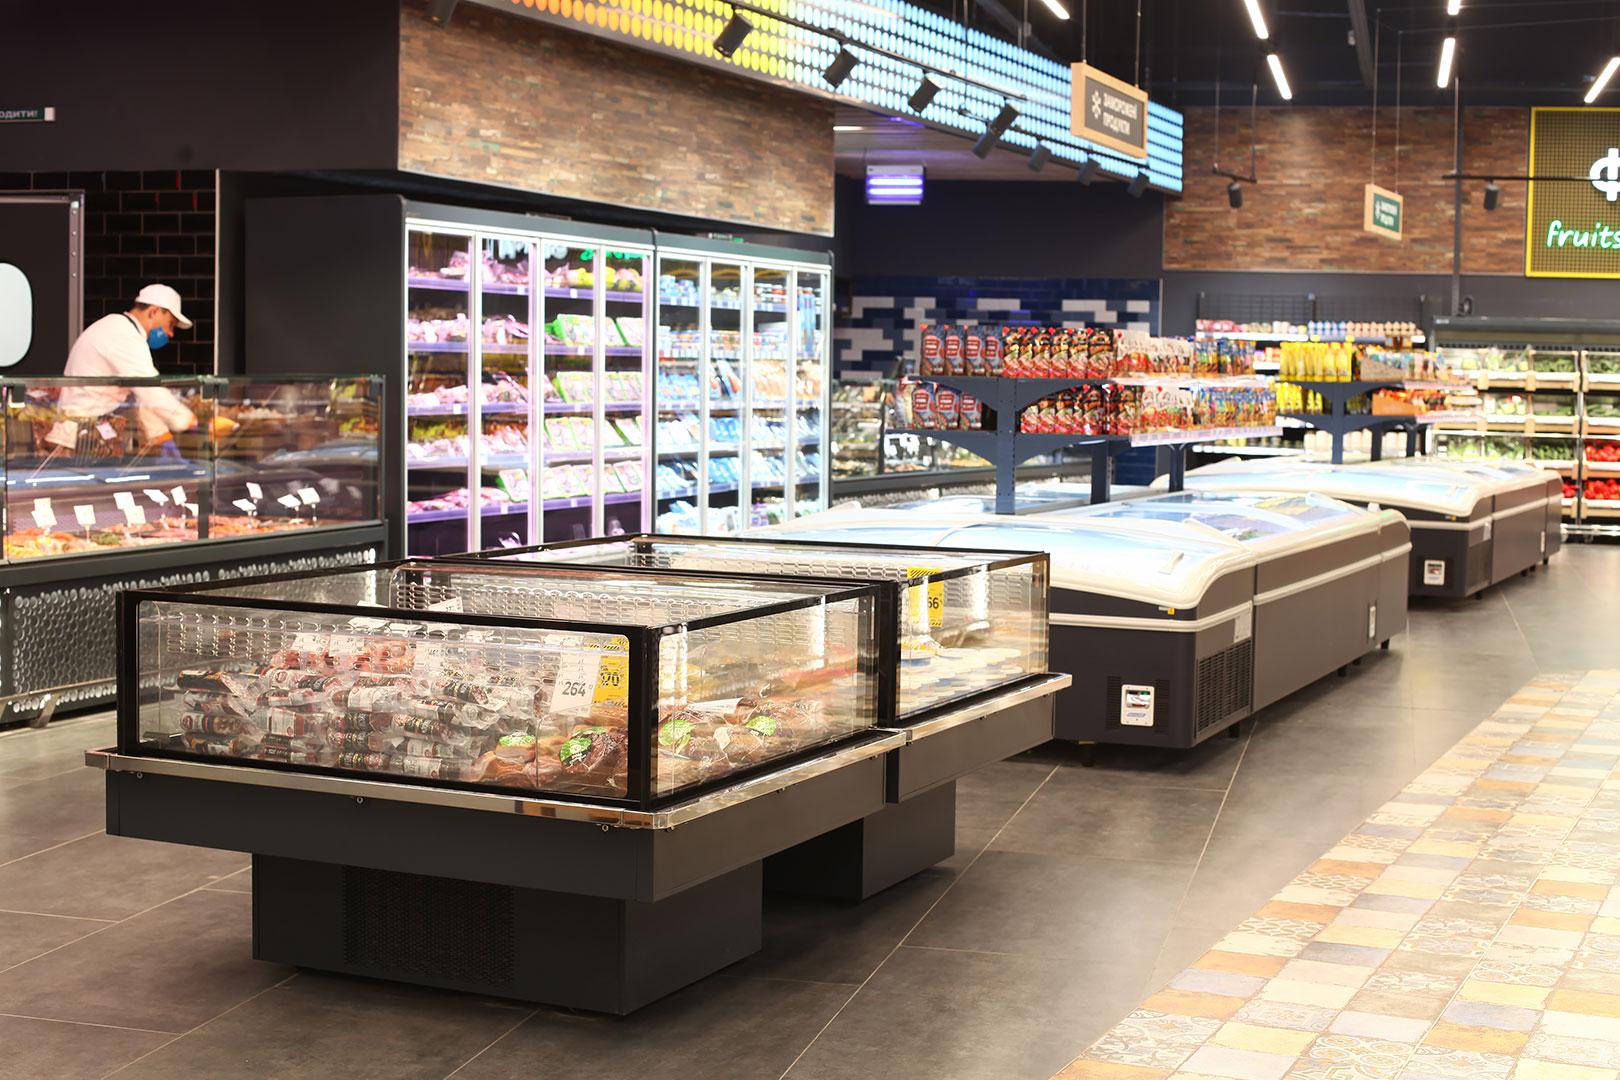 Промоциональные витрины Virginia AC 120 deli self 086-DLA, витрины для замороженных продуктов Super AH 092 LT C 079-SLA